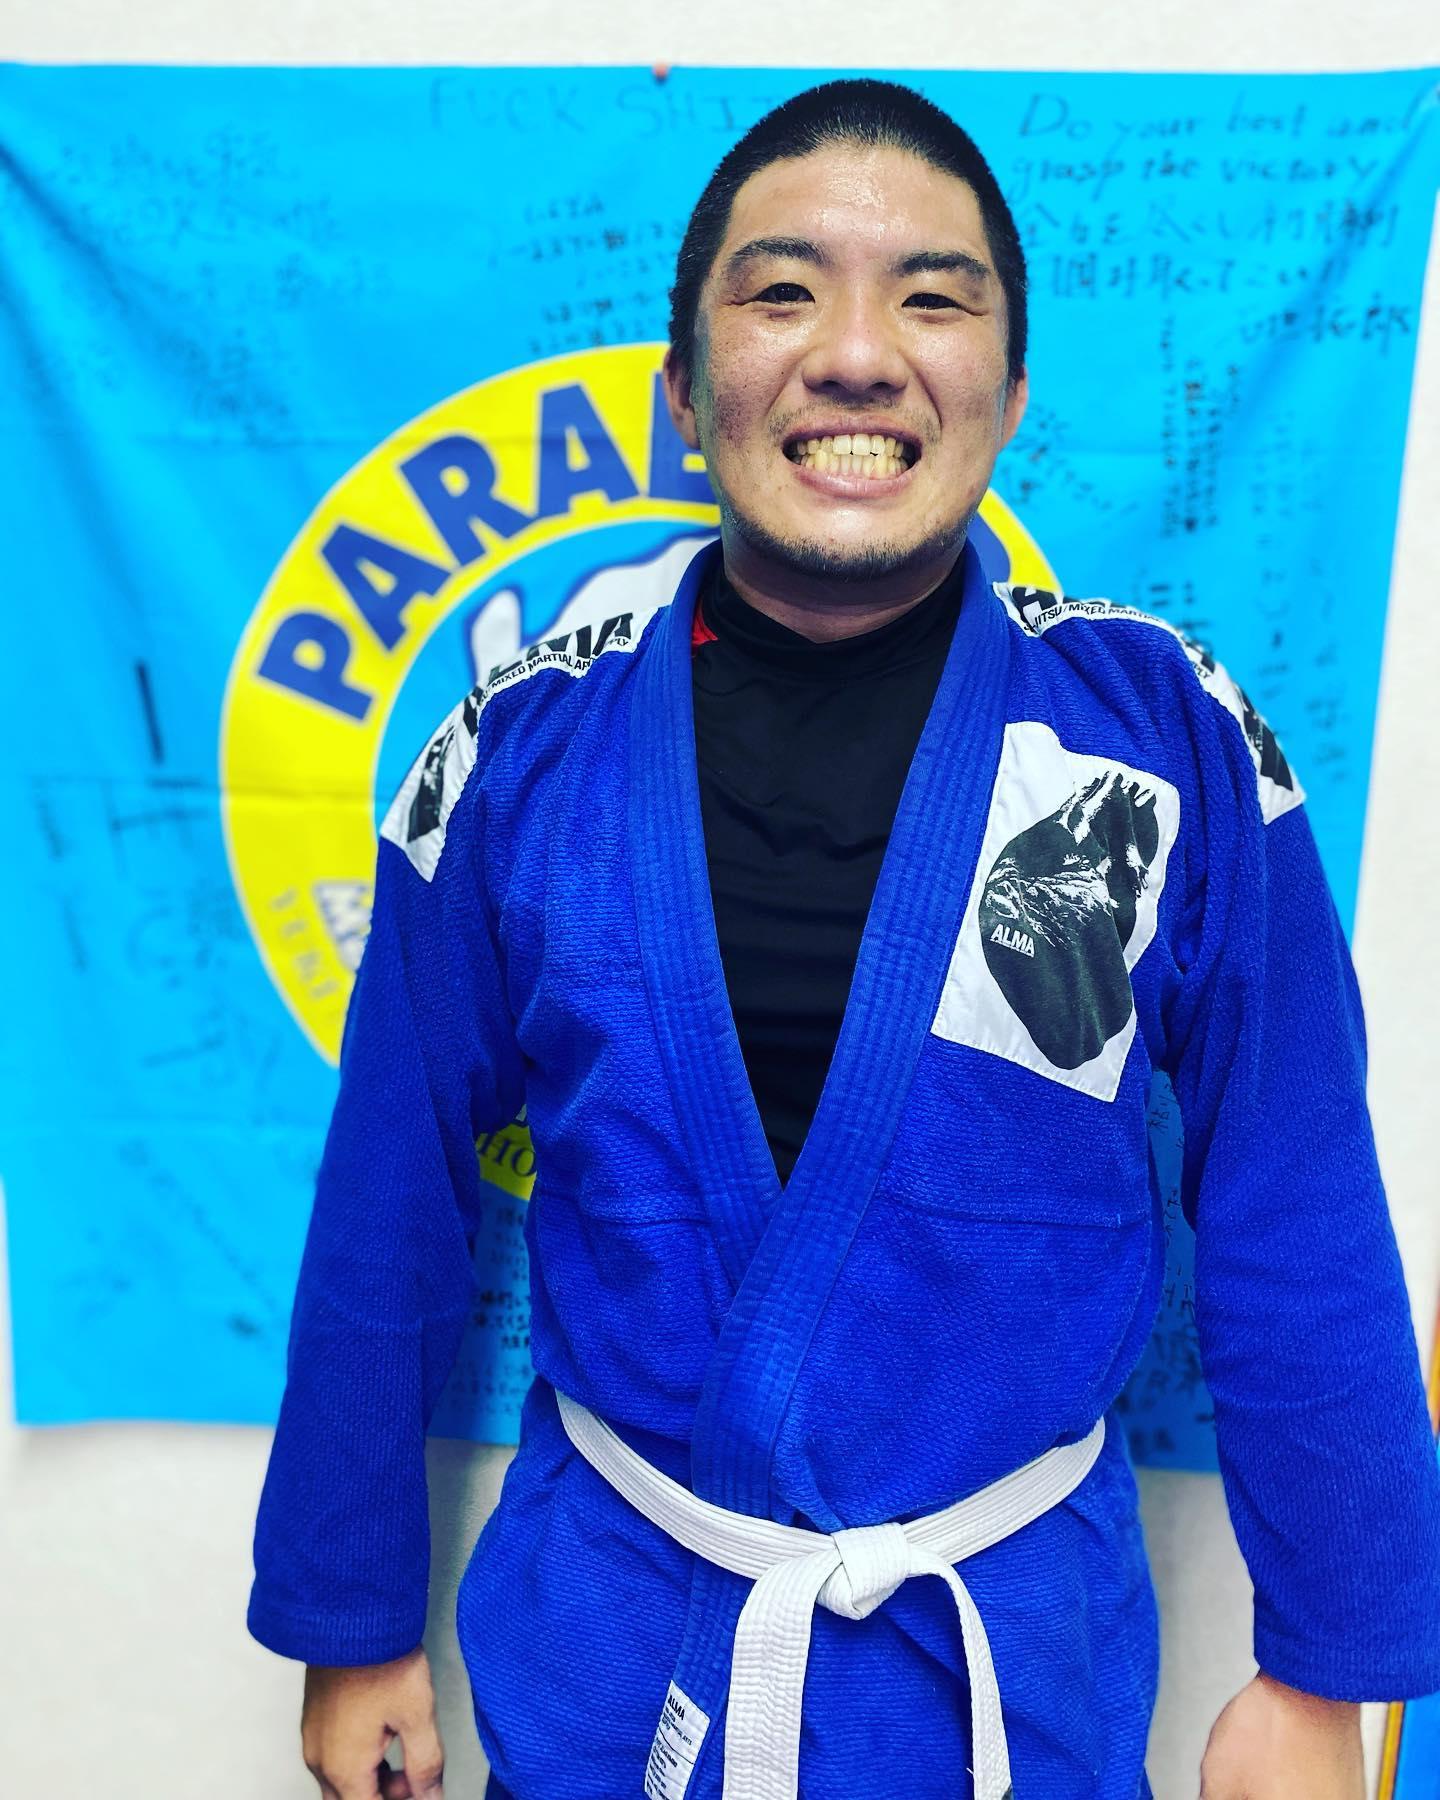 那覇会員でコザスタジオにも良く行き来して柔術やキッククラスを中心にトレーニングに励んでいた鈴木大くんが奥様の実家へ引っ越しの為、Theパラエストラ沖縄卒業となりました!遡るとかれこれ12.3年前、大くんが大学生時にパラエストラ柏で一緒にトレーニングをしていましたが、ひょんな縁で沖縄で再会、Theパラエストラ沖縄に入会してくれて実に10年以上ぶりに同じ時間を共にしました。今回奥様の実家である北海道に移住するとの事ですが、落ち着いたら必ず柔術を始めたいとの事なので、またお互い歳を経て成長した姿で会える日を楽しみにしています。『例え遠く離れても、柔術をしていれば必ずまたどこかで会える。』大くんの未来に幸あれ!!また会おう!#パラエストラ #沖縄 #那覇 #与儀 #MMA #shooto #コザ #総合格闘技 #修斗 #キックボクシング #柔術 #jiujitsu #ダイエット